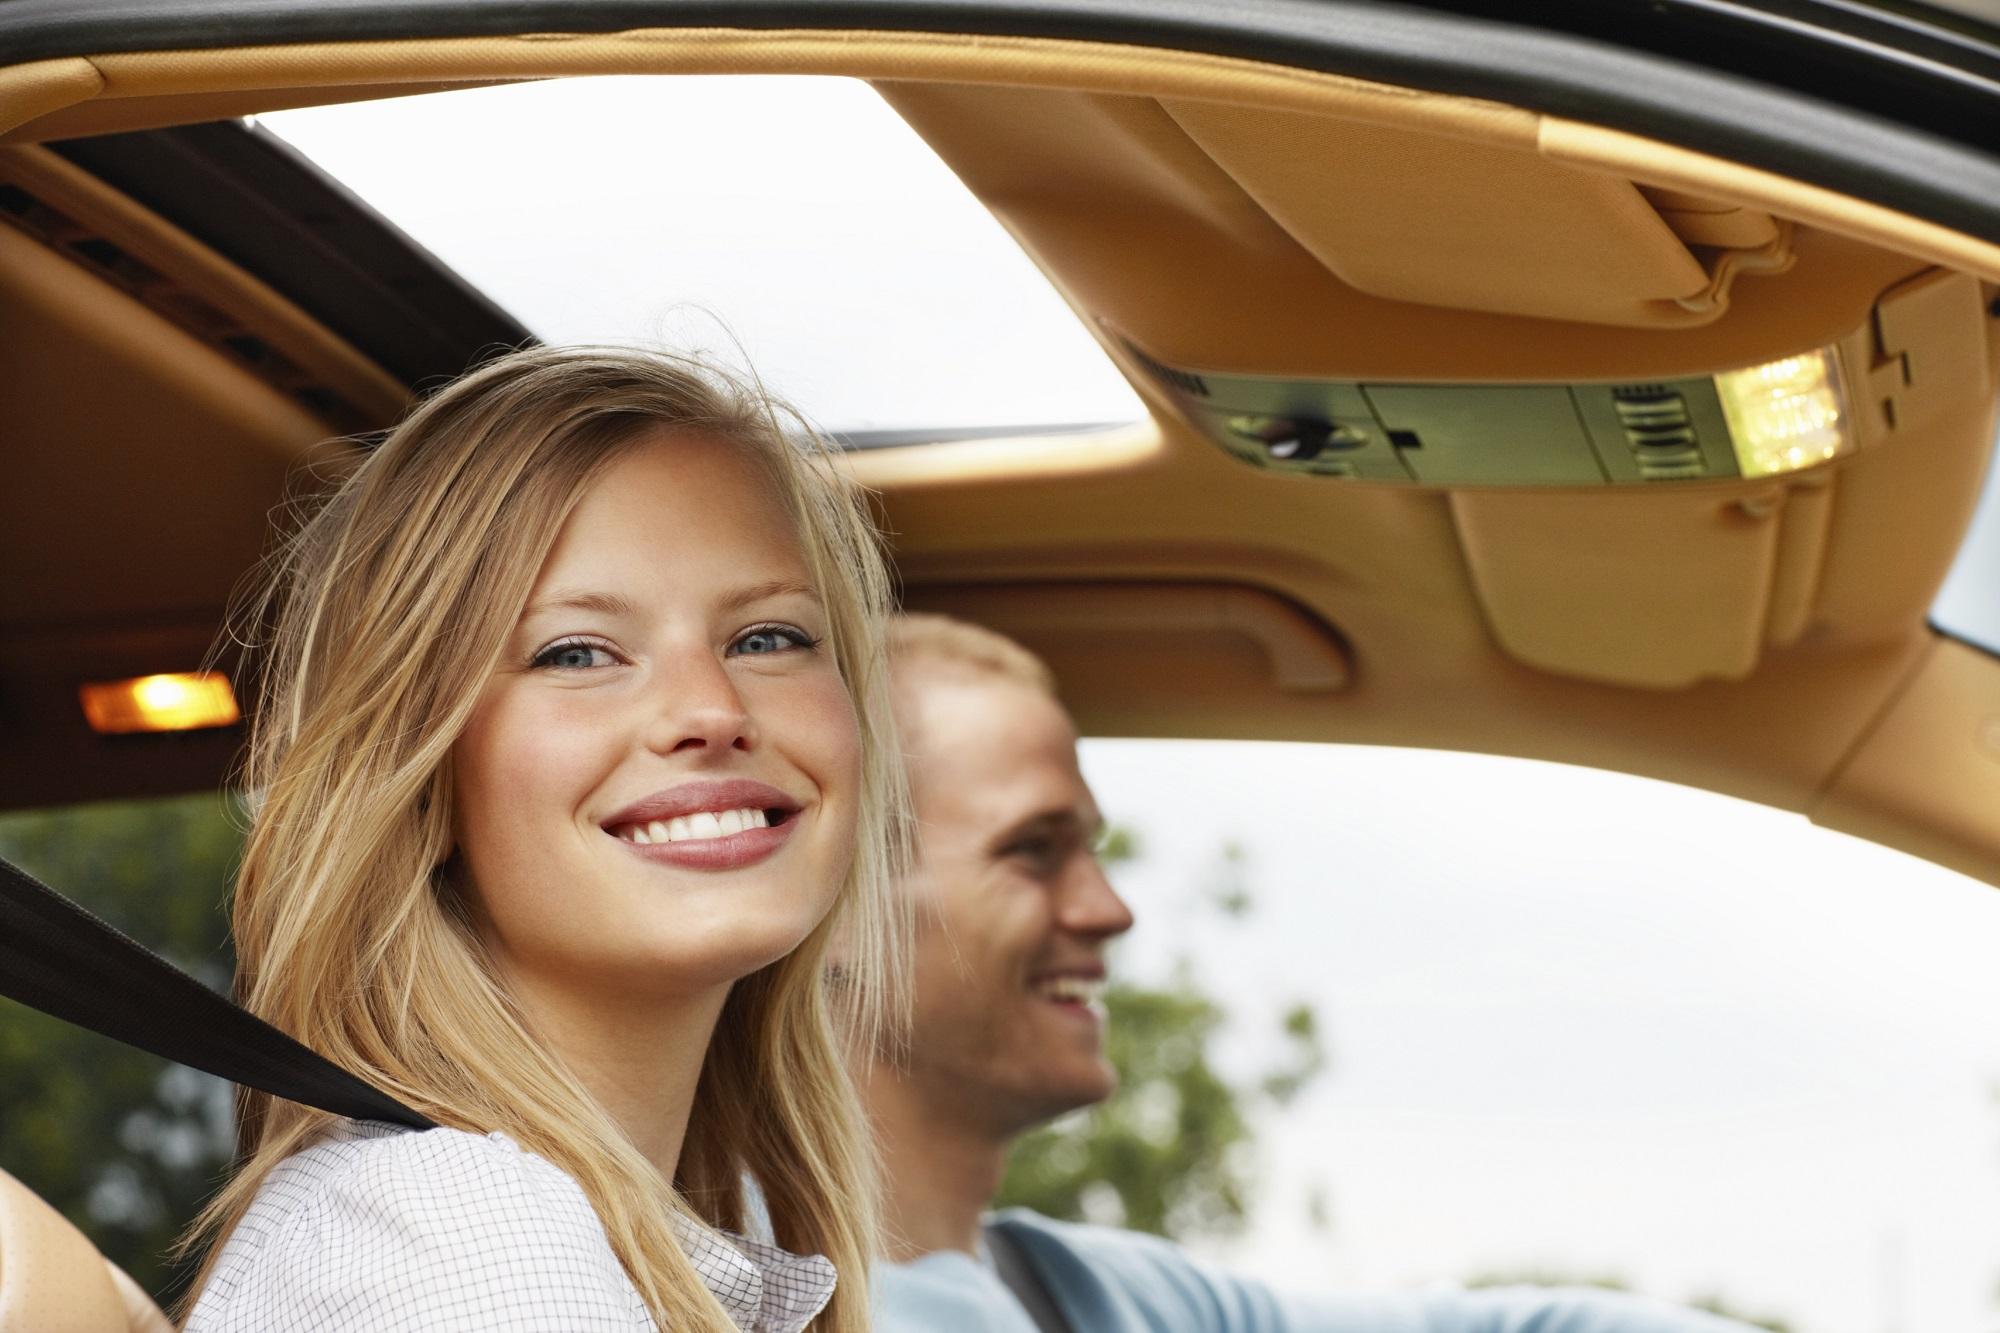 Concesionario de autos usados en Melrose Park, IL